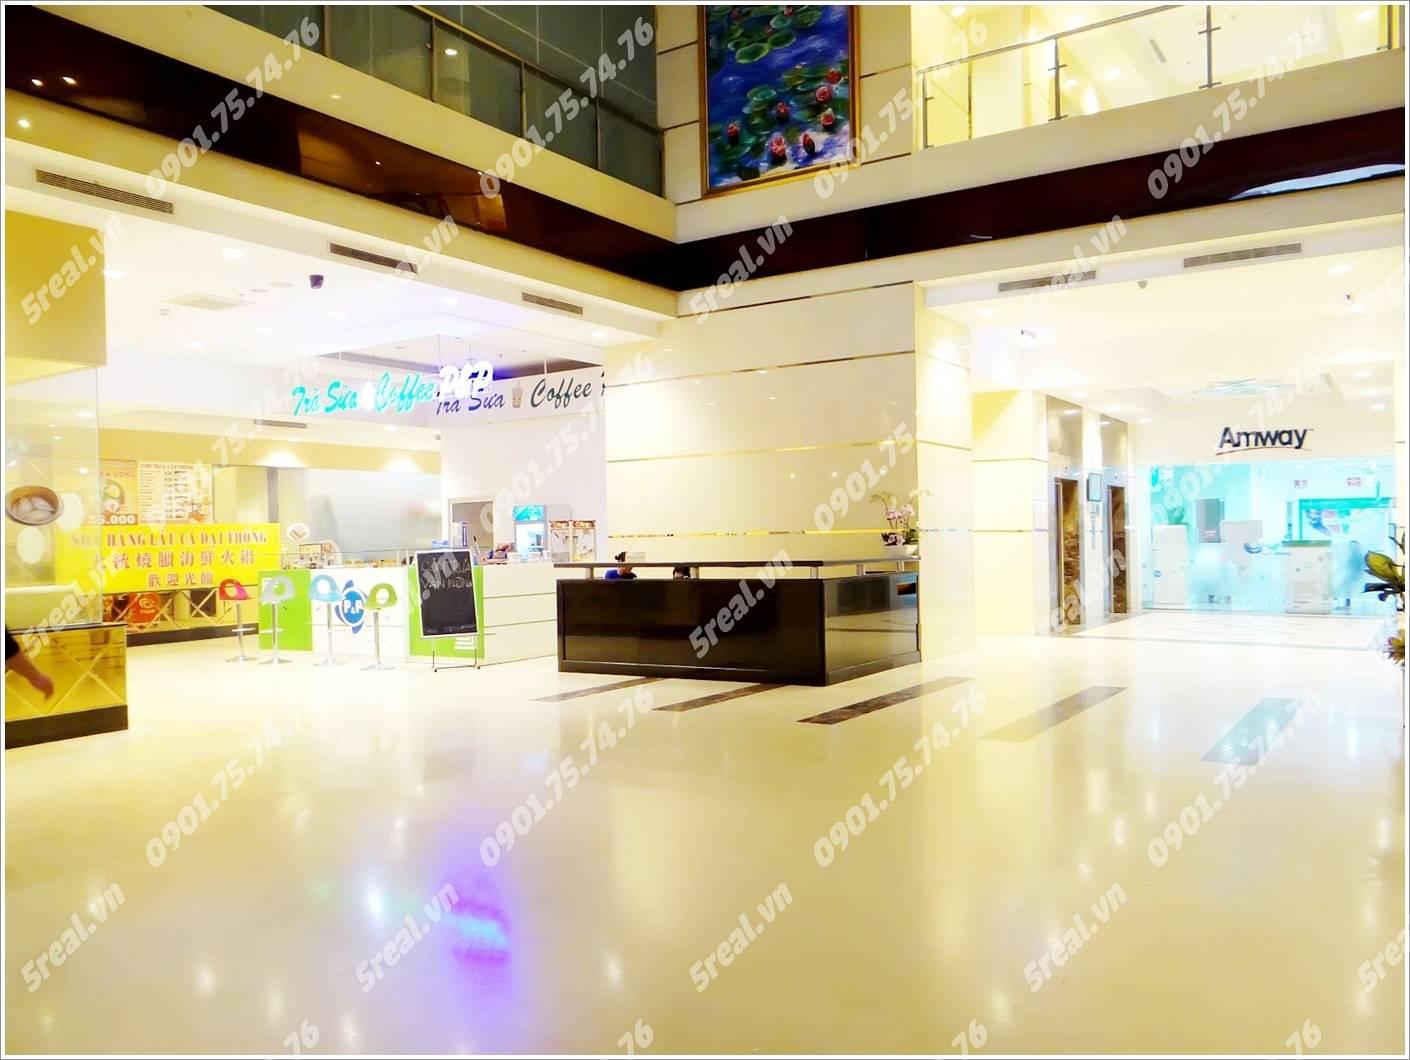 the-flemington-tower-le-dai-hanh-quan-11-van-phong-cho-thue-5real.vn-06